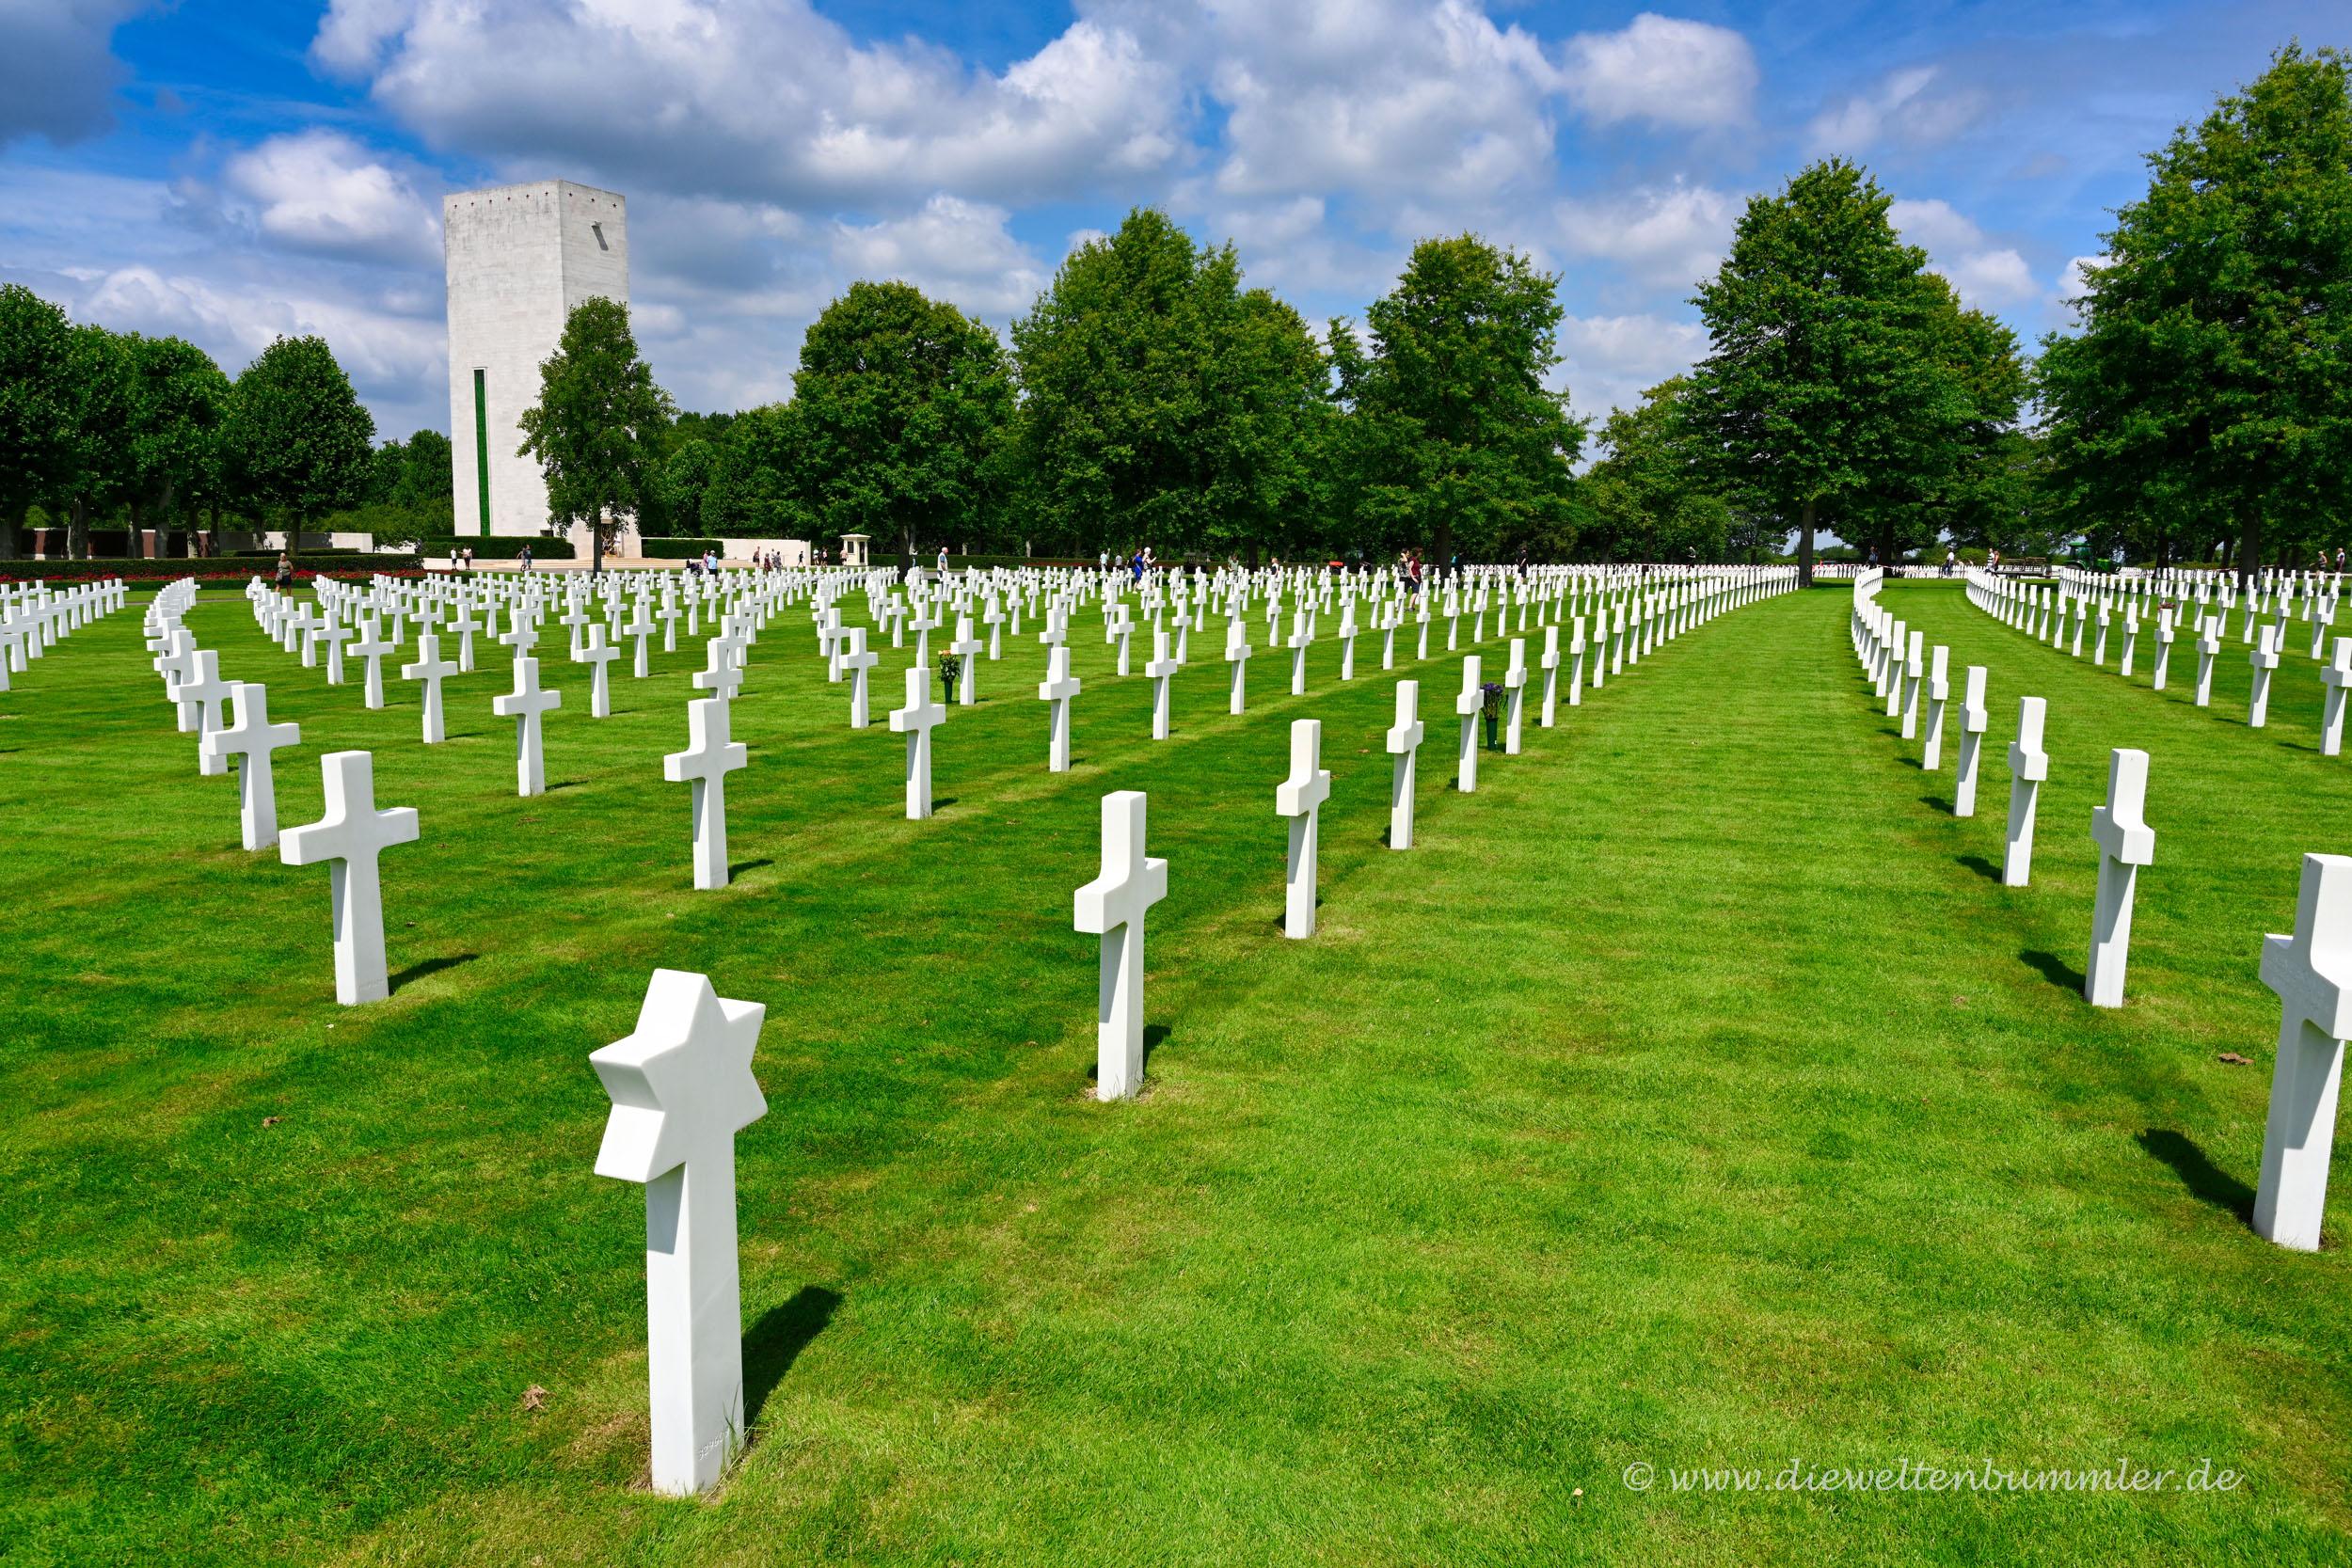 Kreuze auf dem US-Soldatenfriedhof